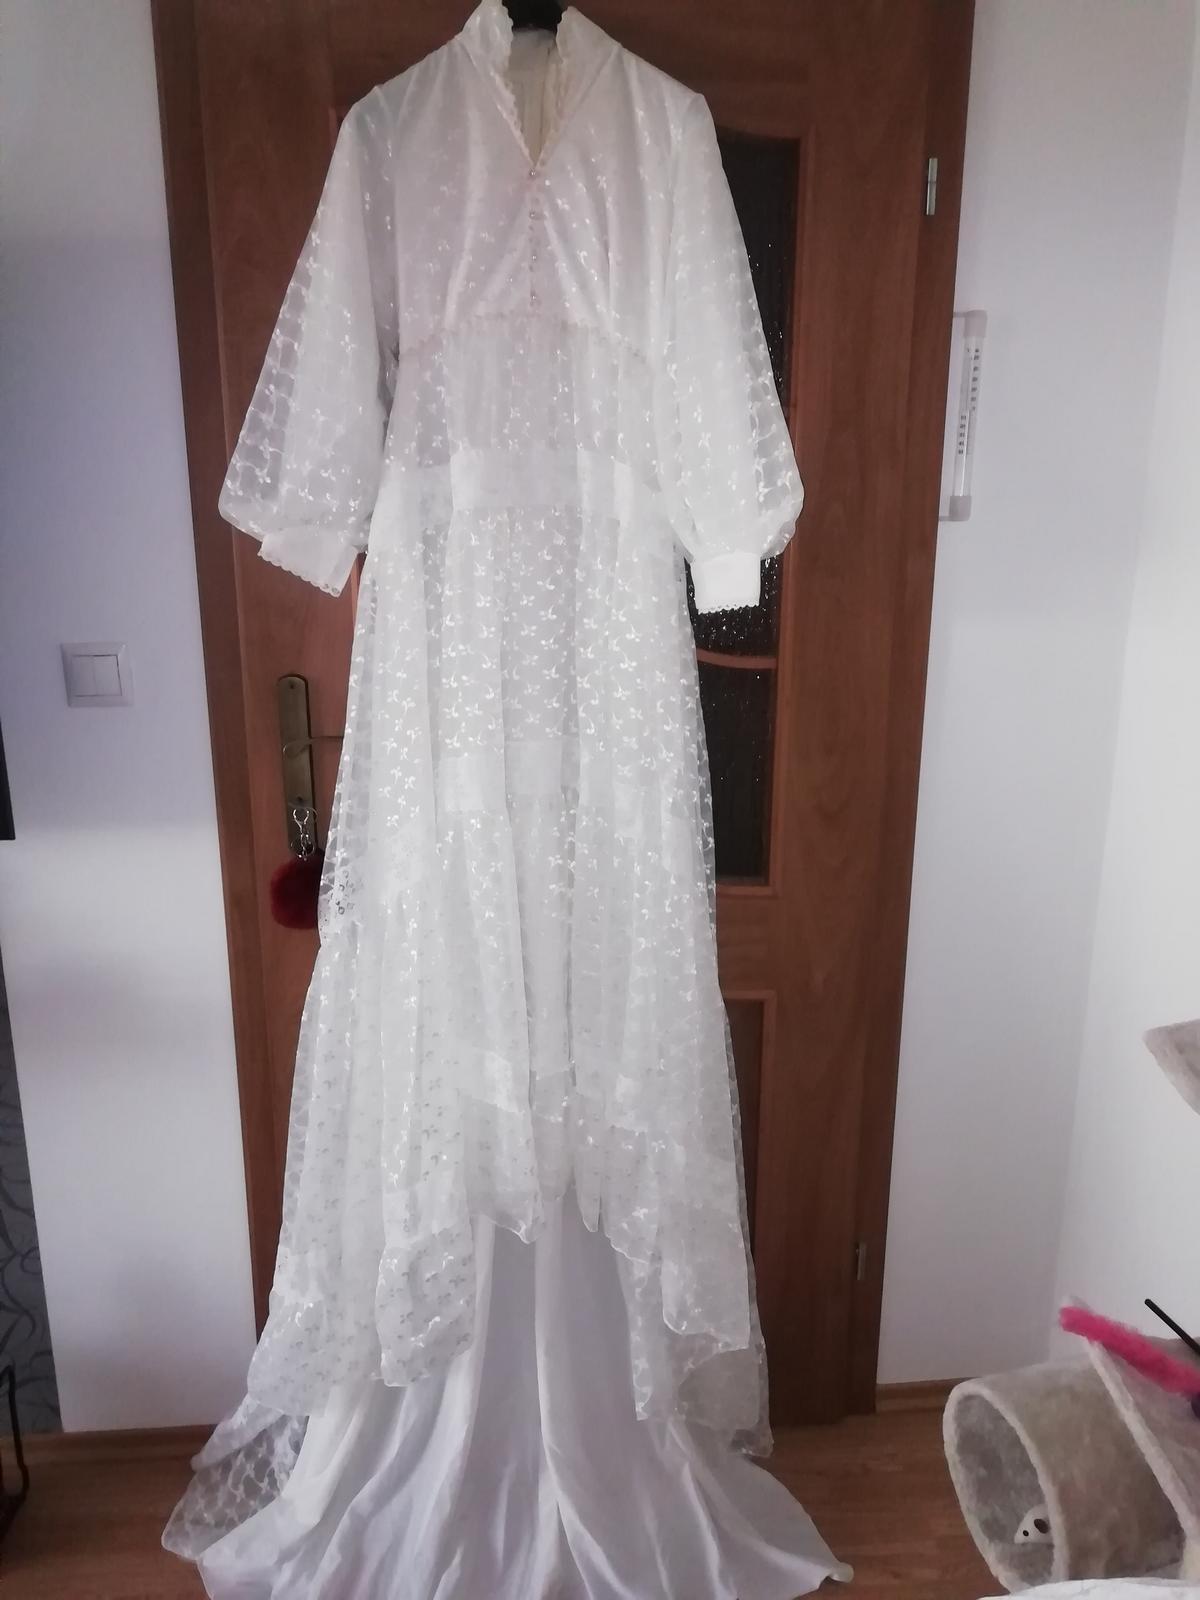 Staré, svadobné šaty. - Obrázok č. 1